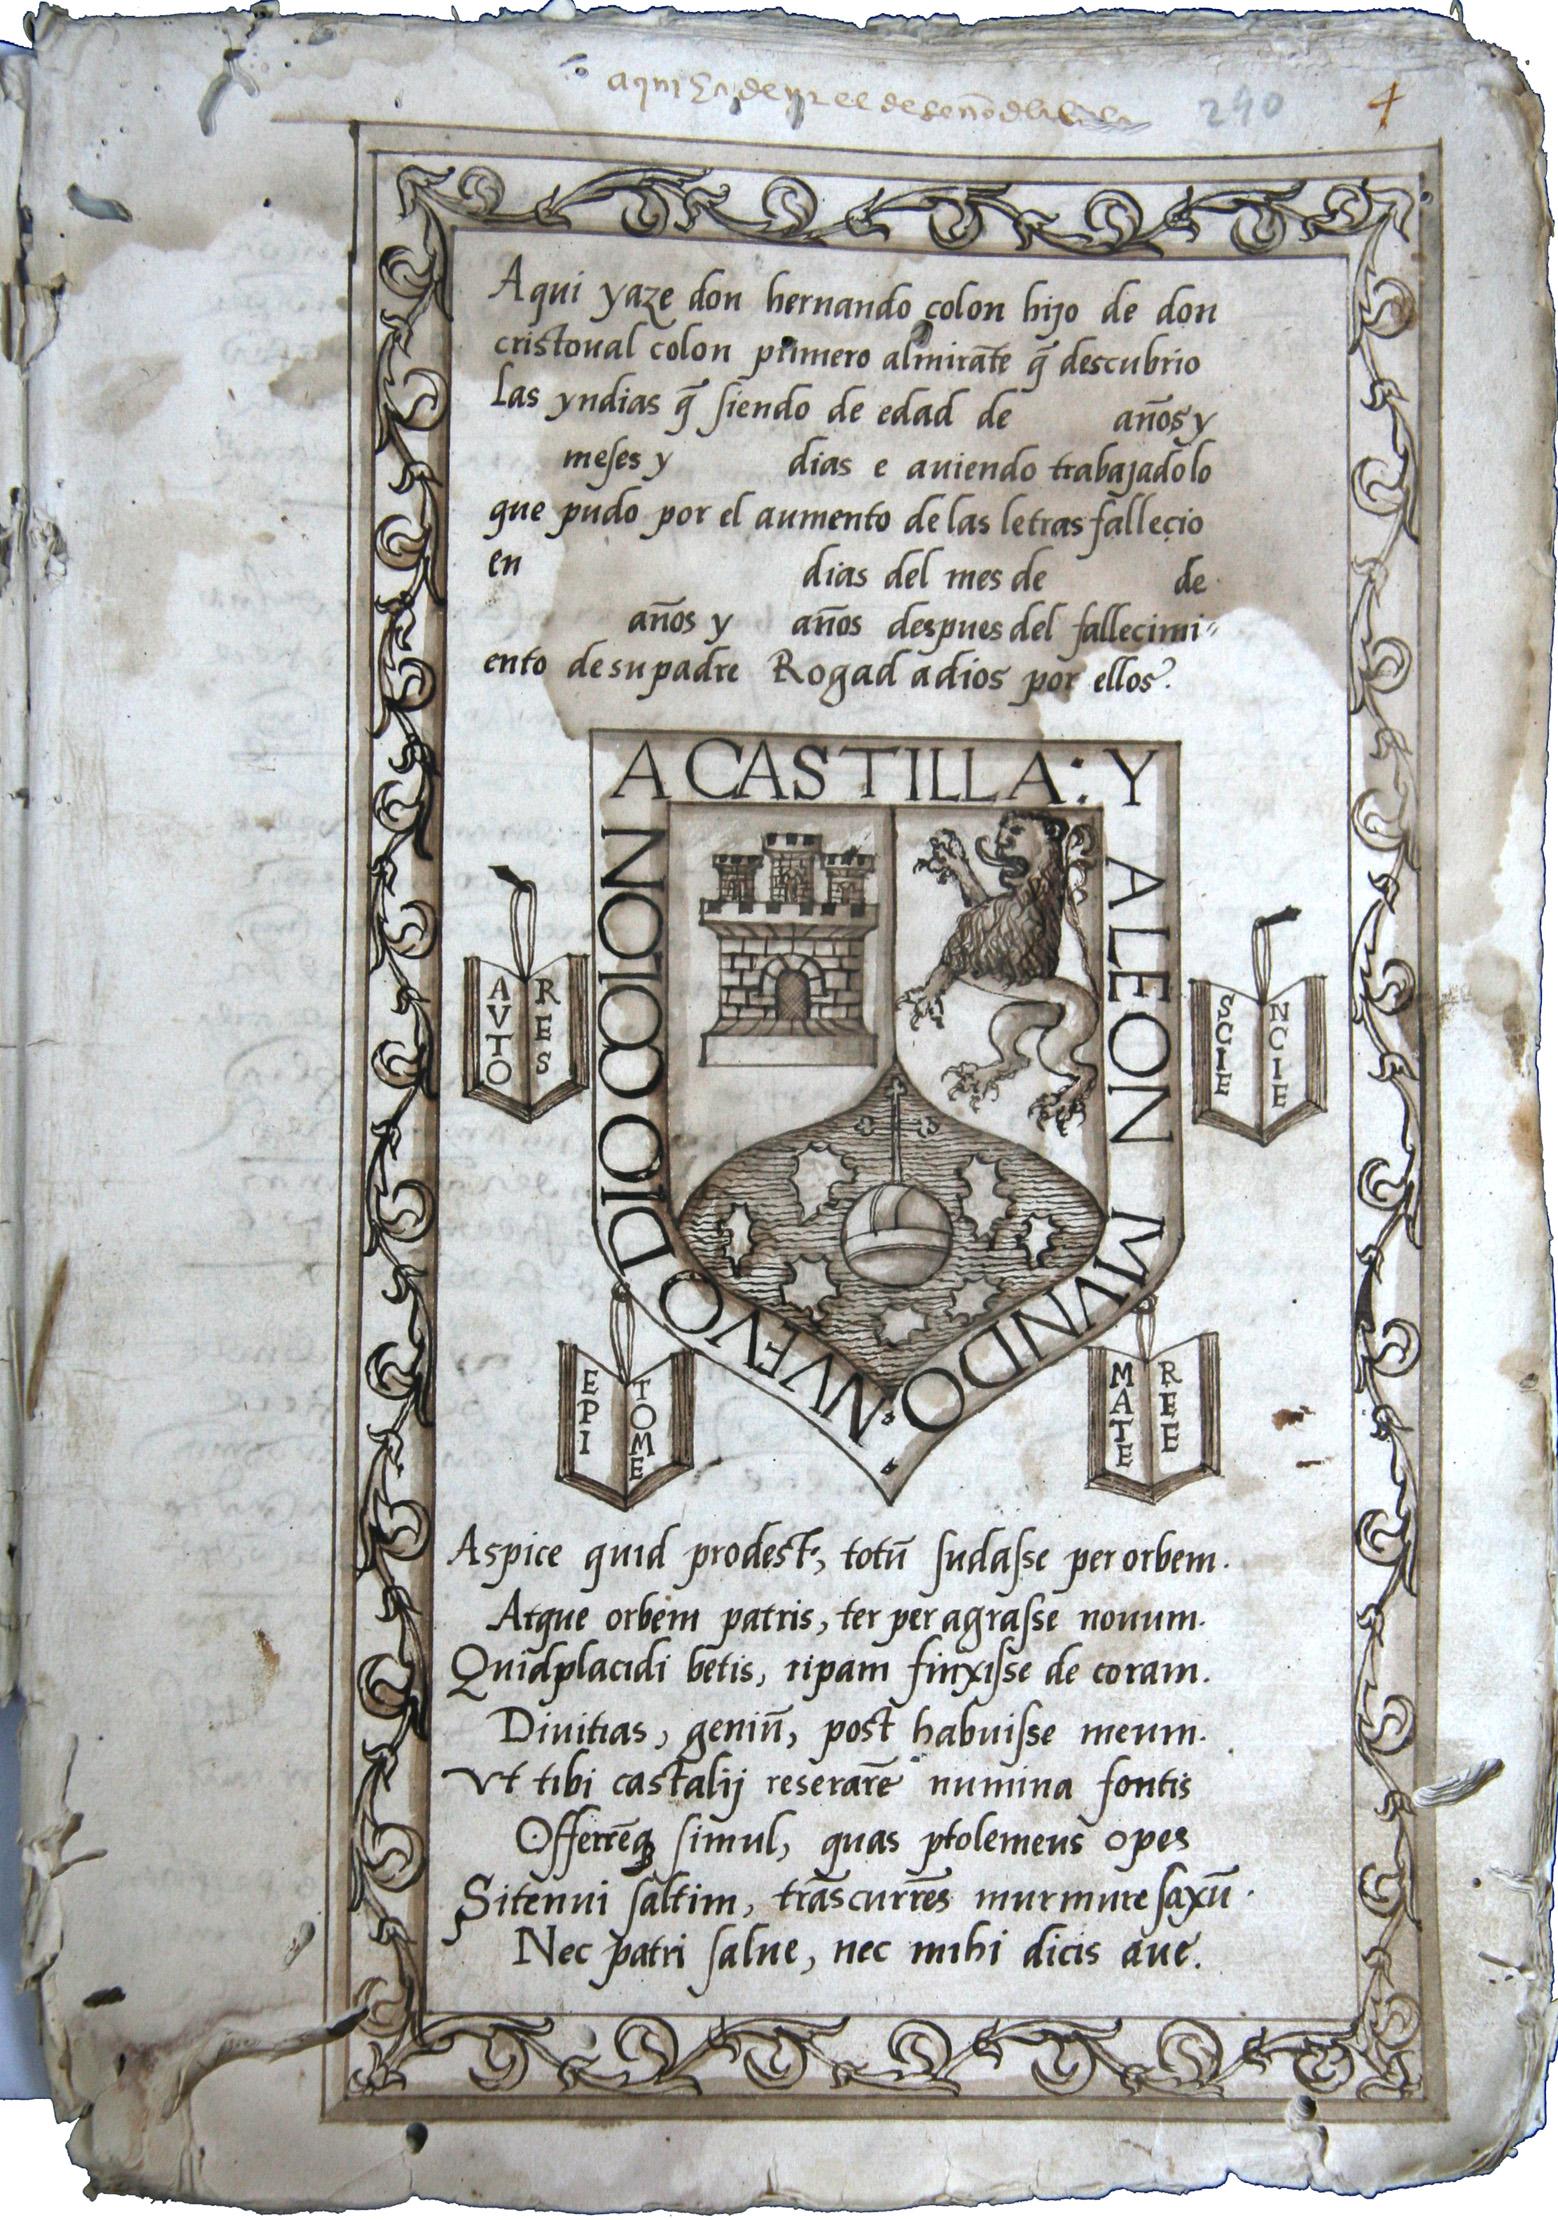 Diseño para la inscripción sepulcral de Hernando, preparado por él mismo, e incluido en su Testamento. Reproducido con permiso del Archivo Histórico Provincial de Sevilla.